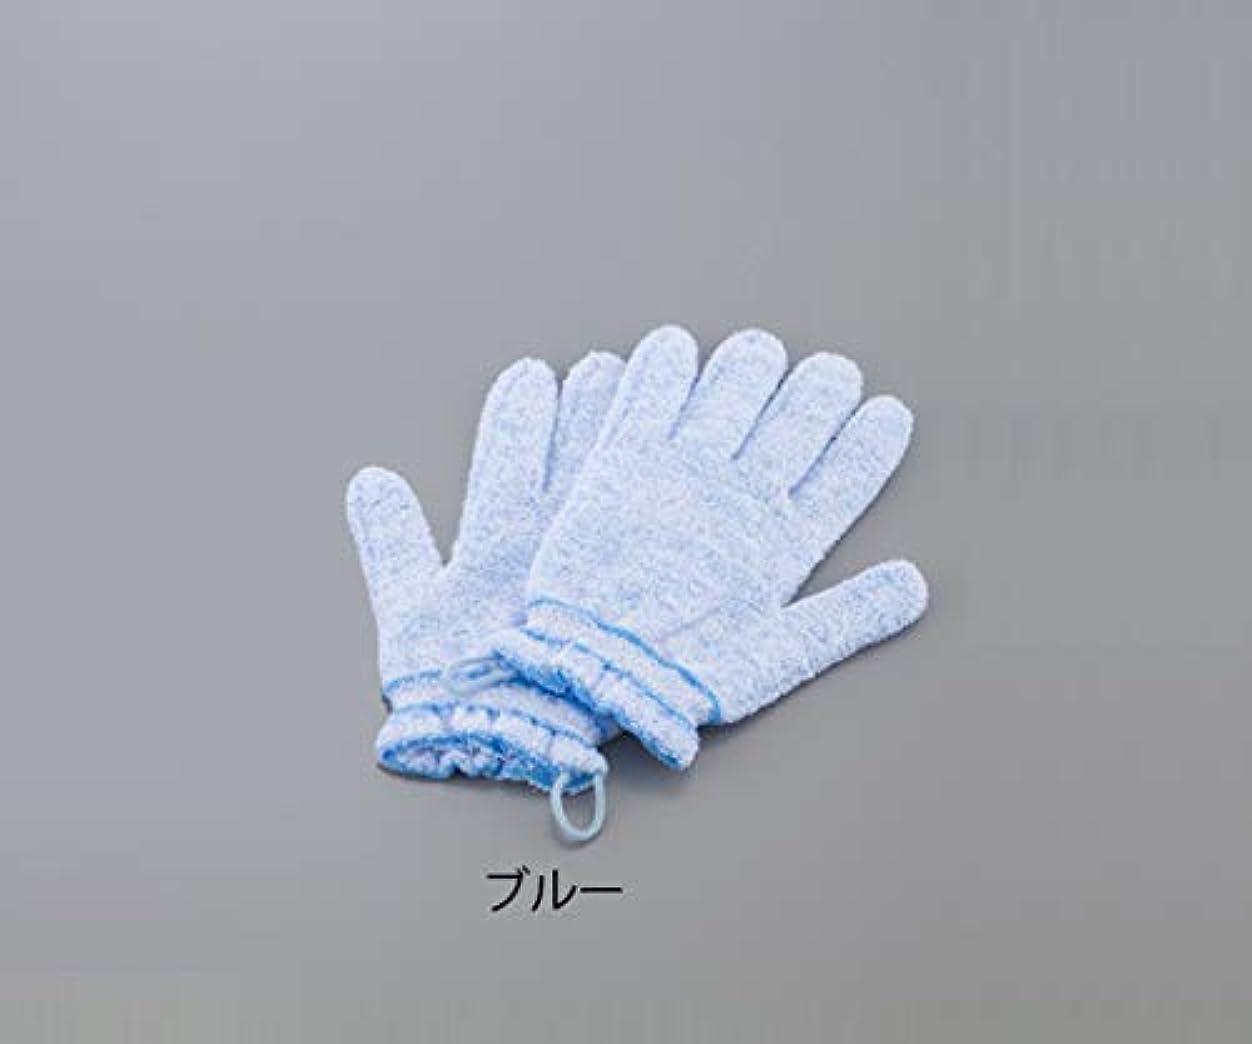 隠曲がったサイトライン0-4015-02浴用手袋(やさしい手)ブルー